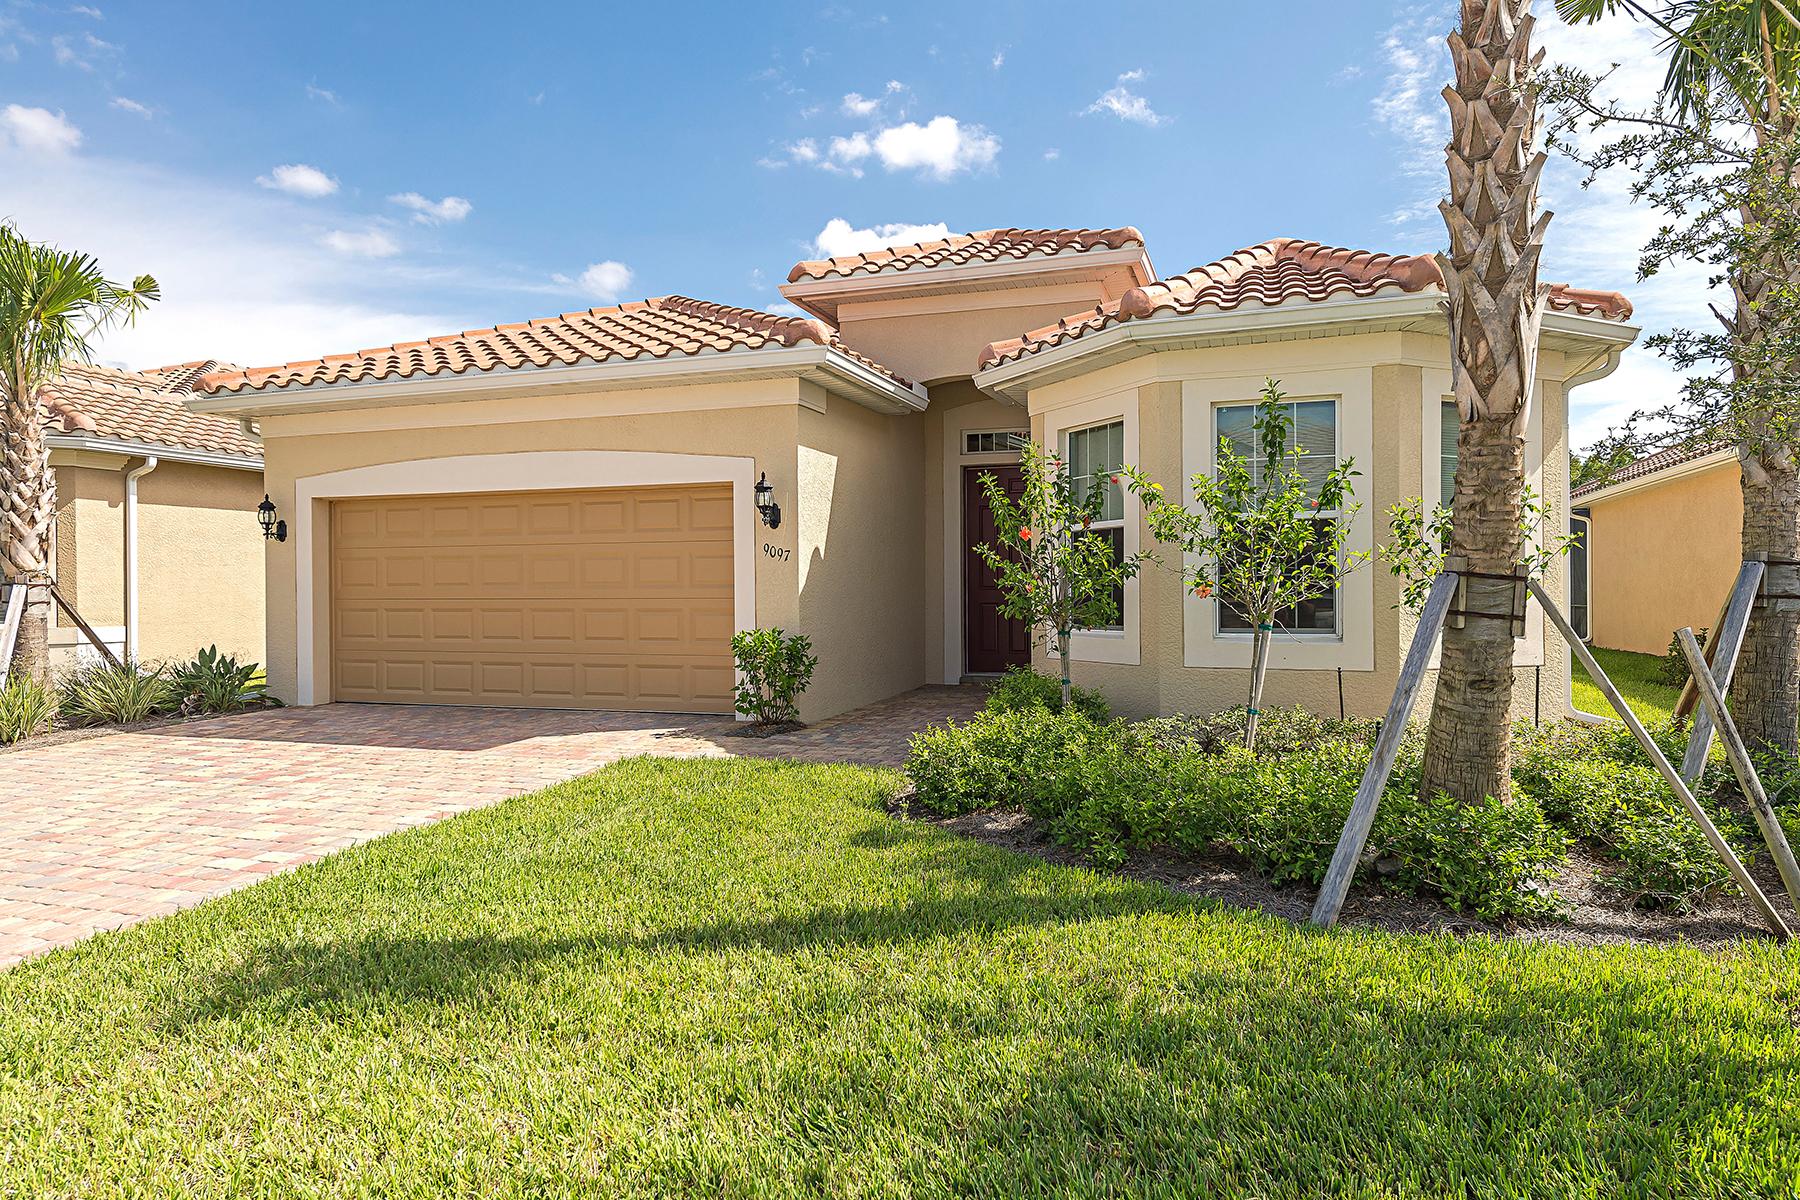 Casa para uma família para Venda às THE QUARRY 9097 Siesta Bay Dr Naples, Florida, 34120 Estados Unidos